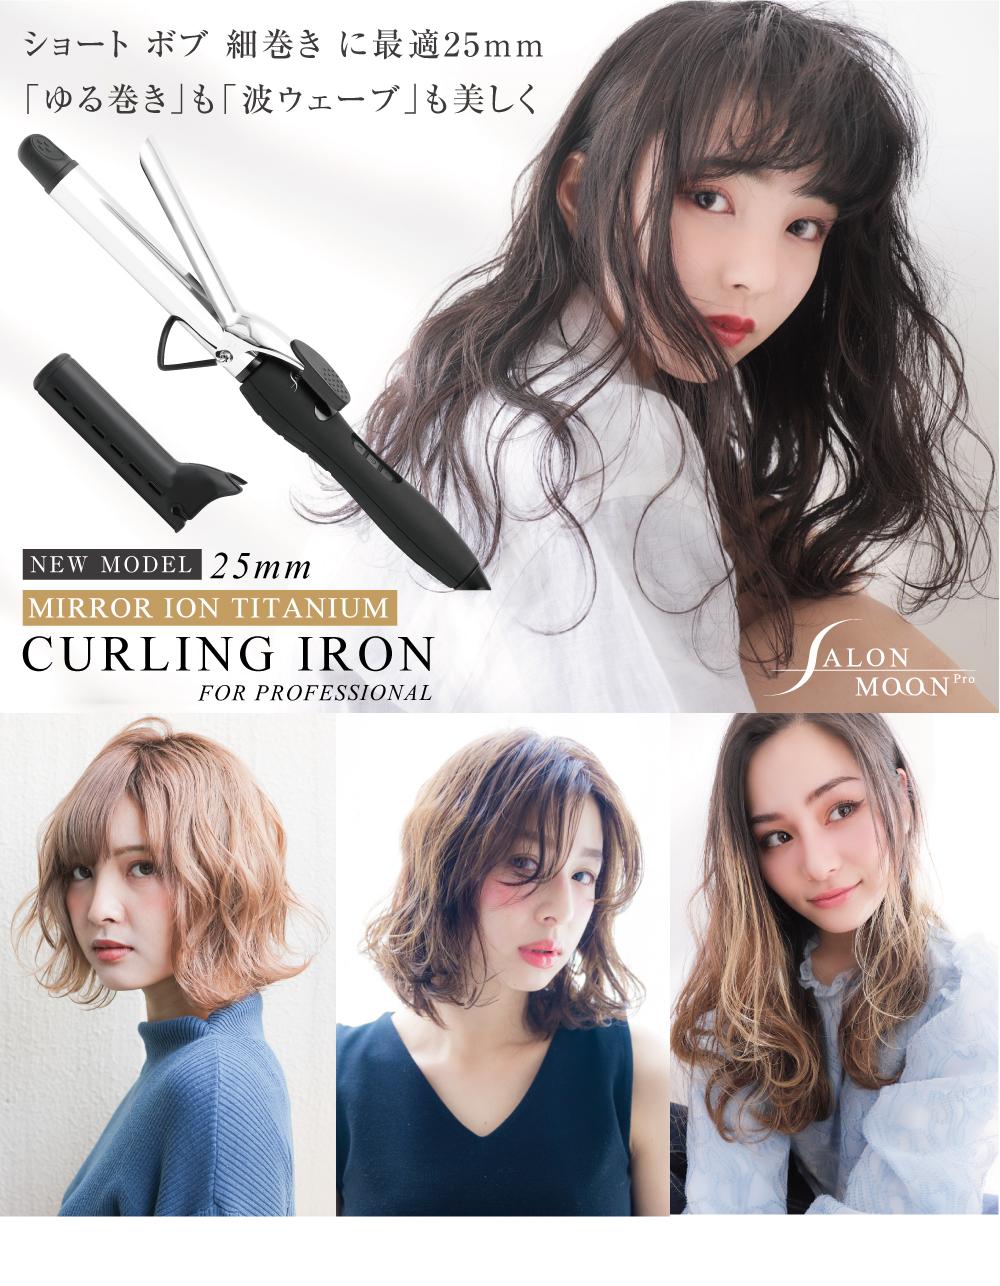 高品質チタニウムプレートが髪へのダメージを最小限に抑えサロン級つや髪へ